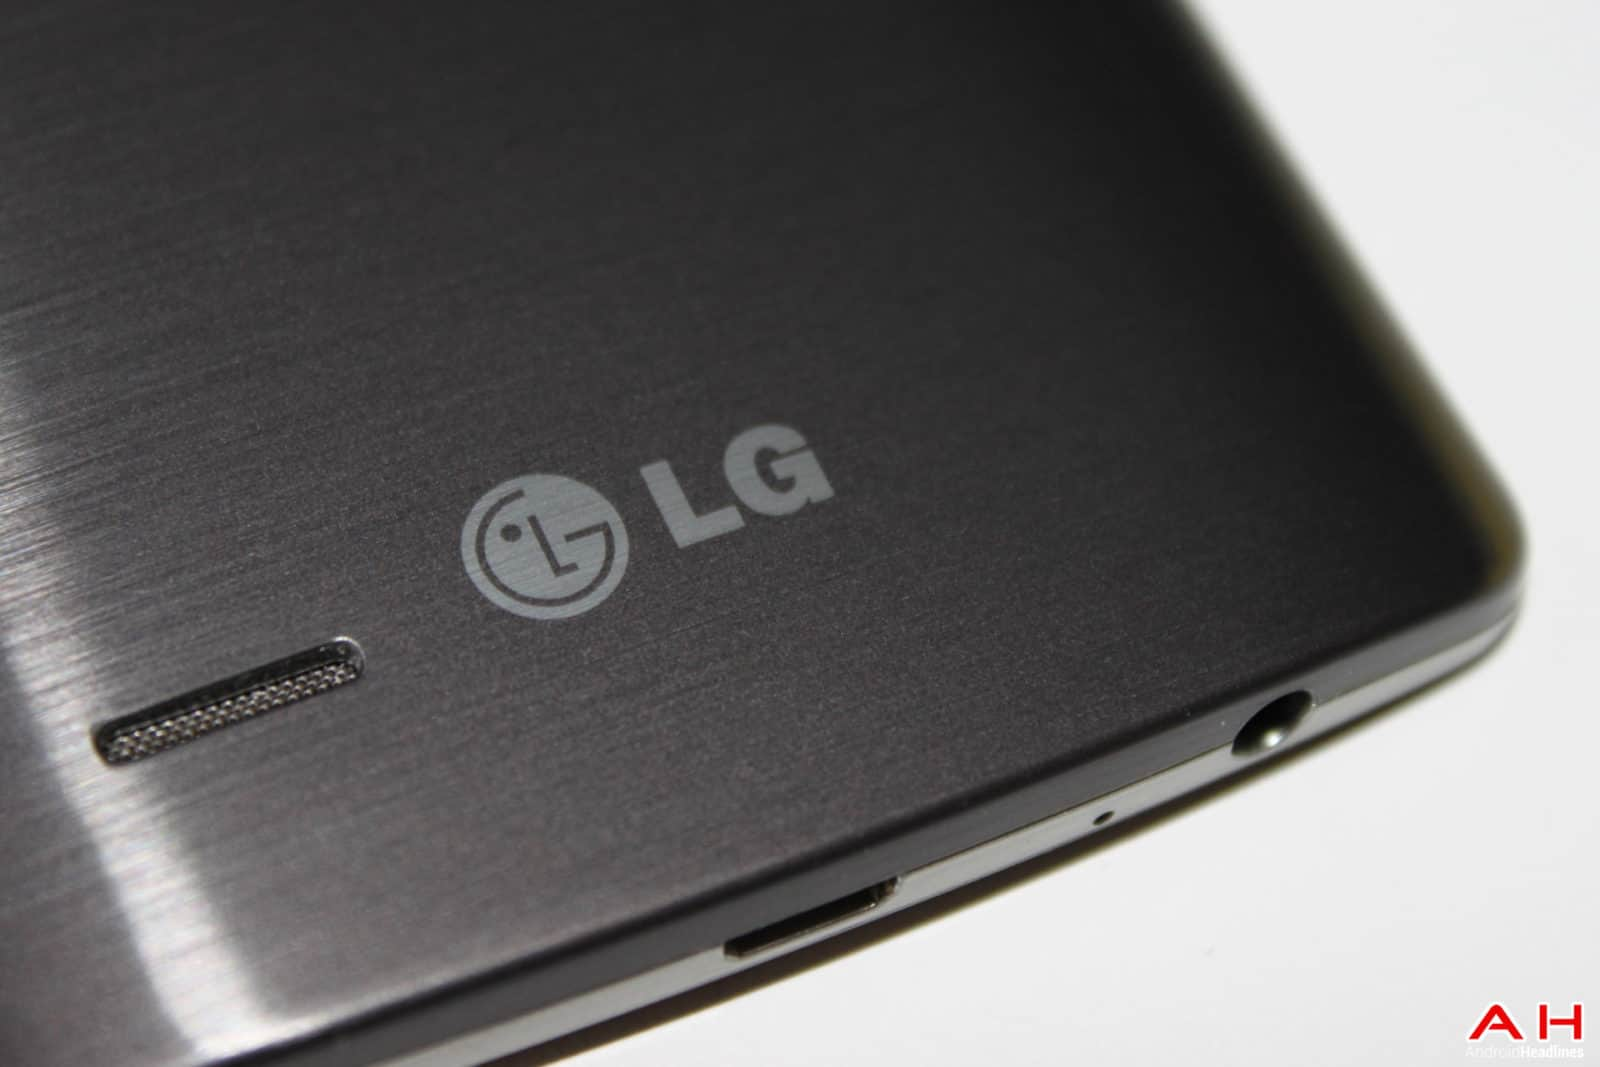 AH LG 3 2014 -11 LG LOGO